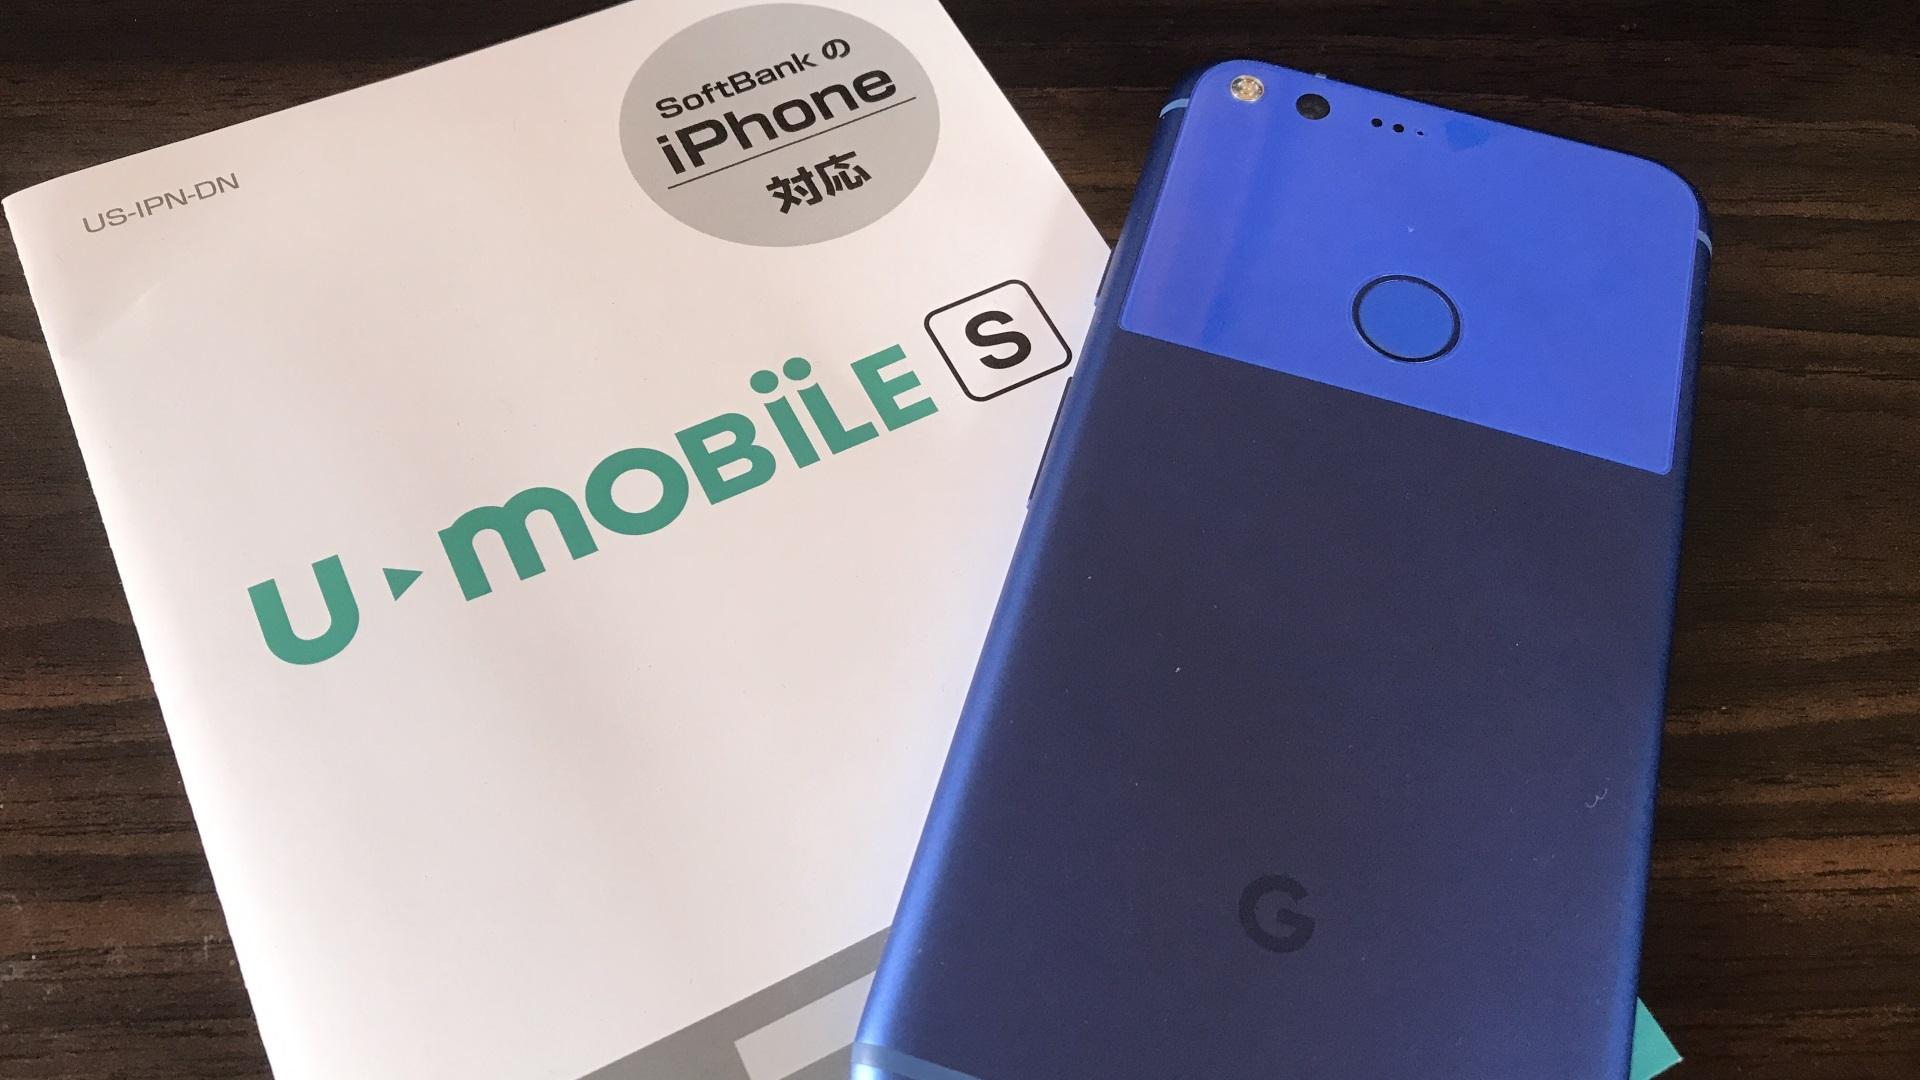 【まとめ】SoftBank系MVNO「b-mobile S / U-mobile S」をAndroidなどで利用する場合のAPN設定など